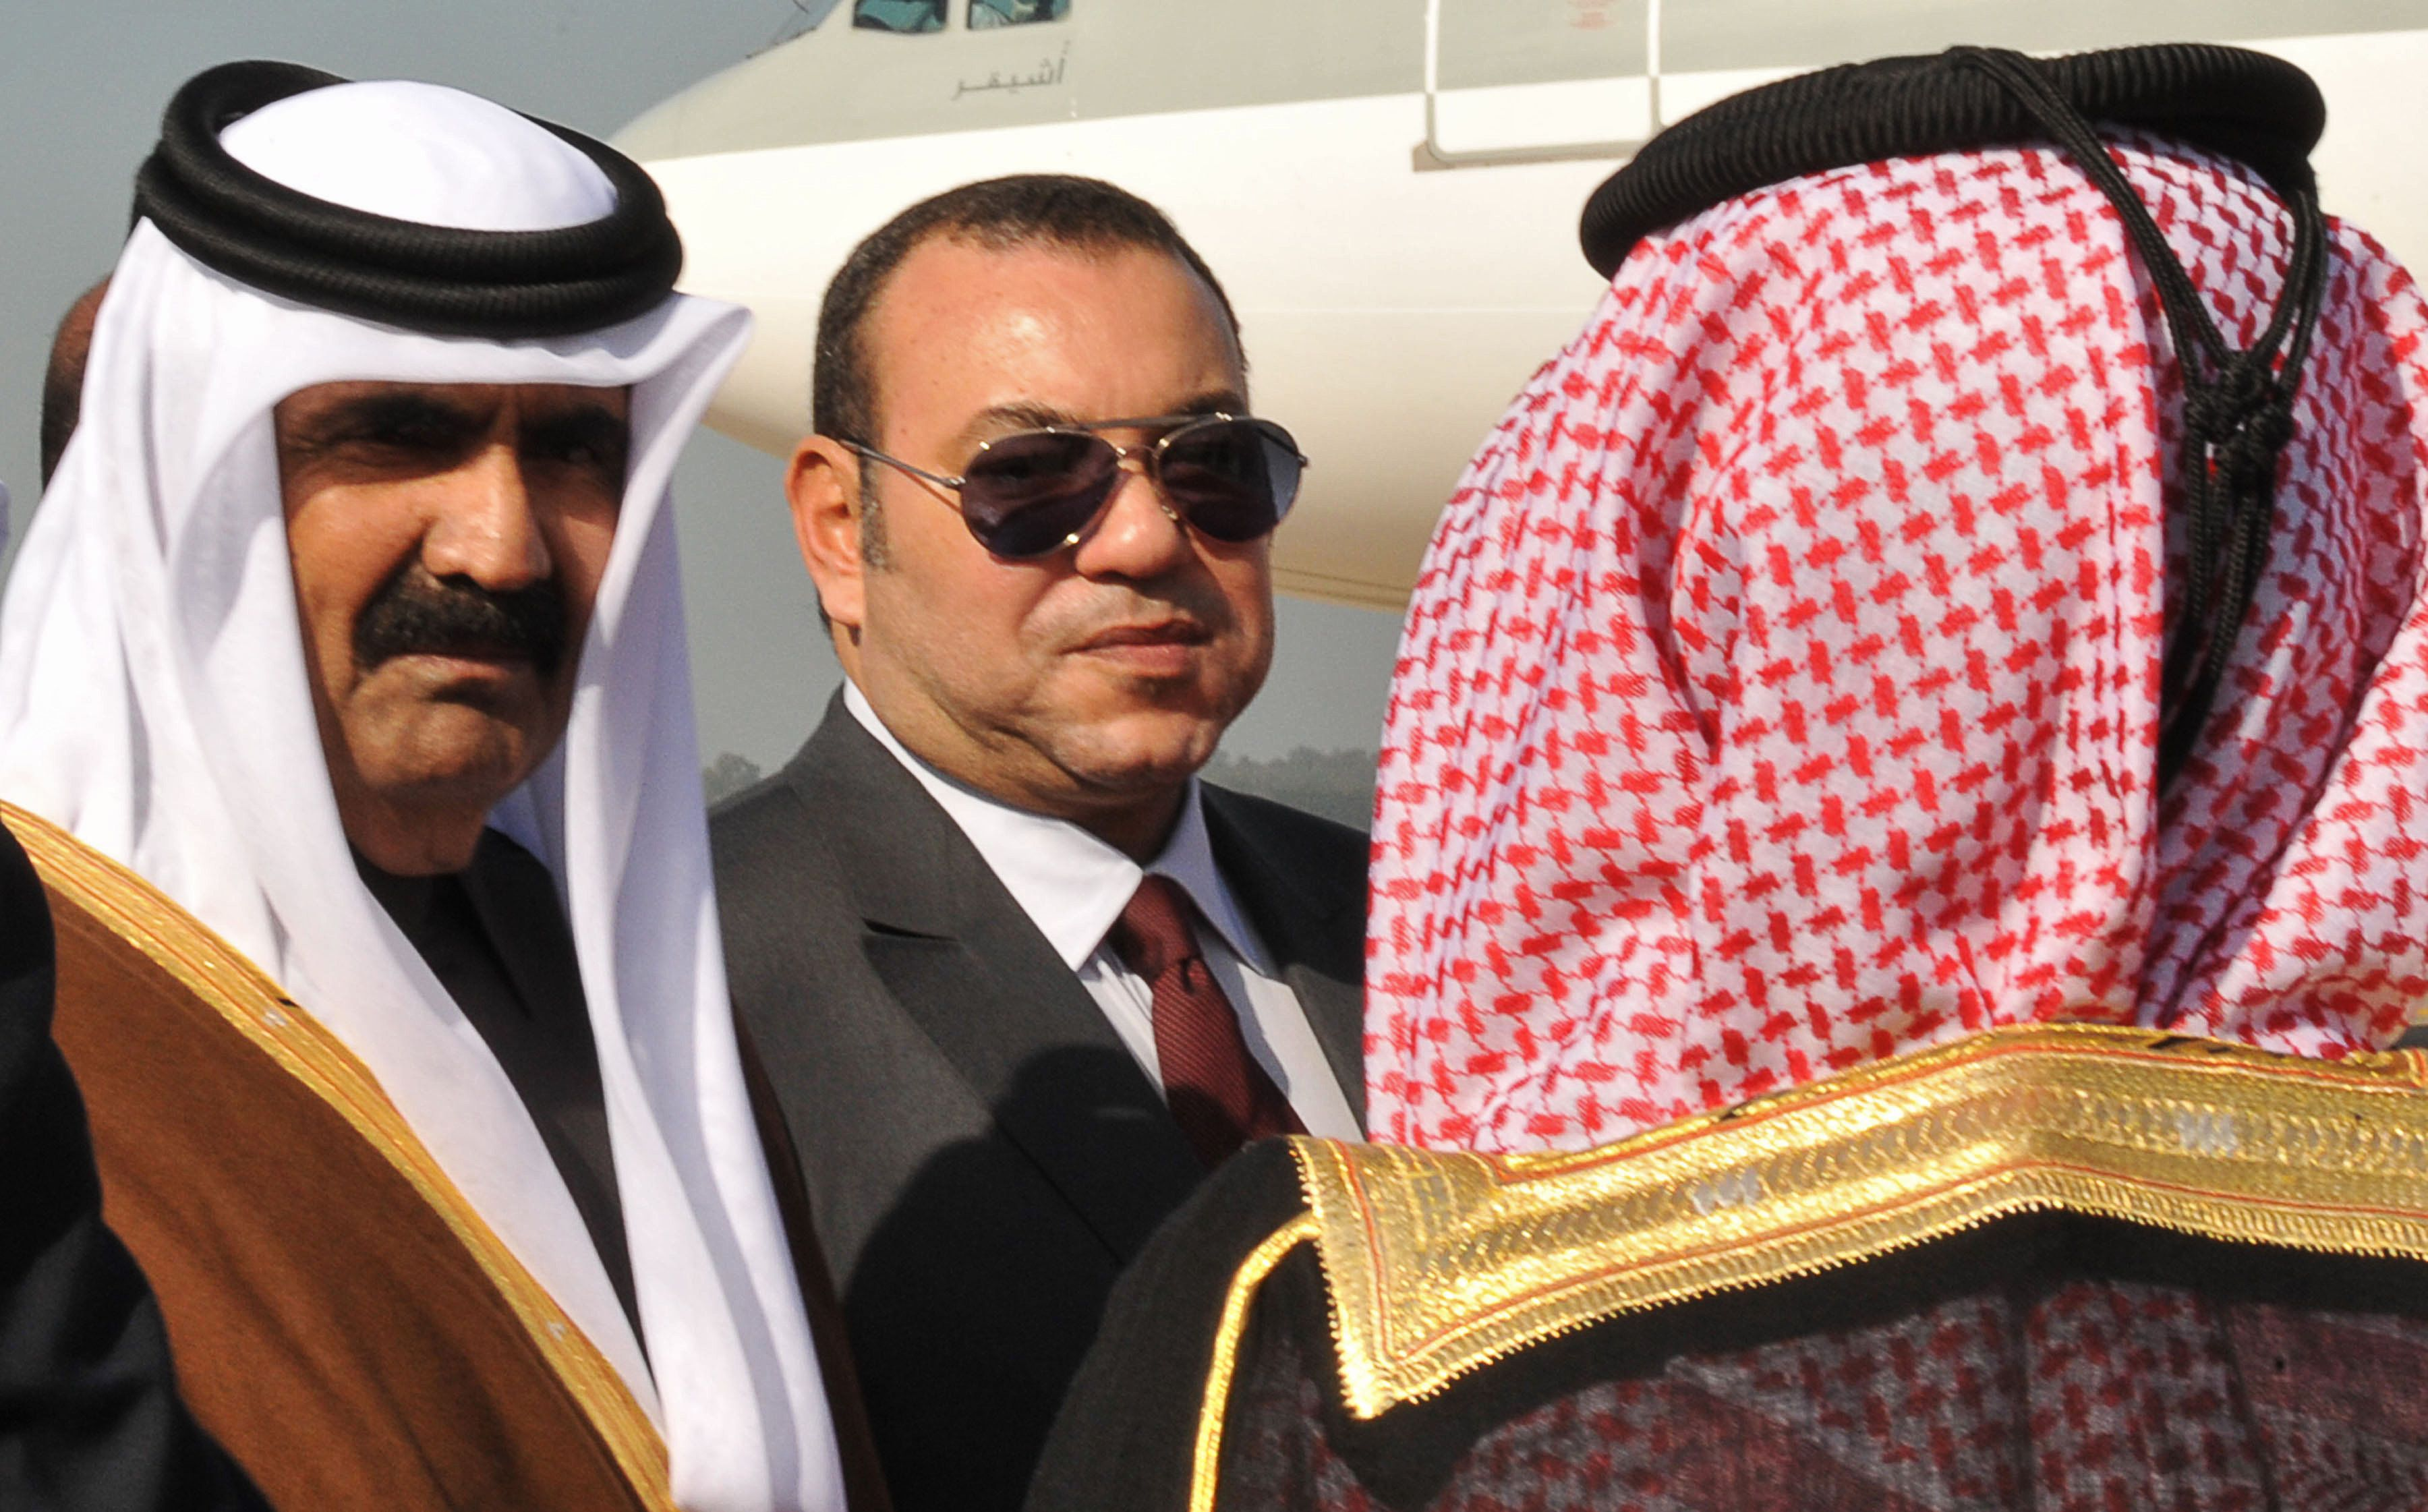 Maroc-Iran: Les monarchies du Golfe expriment leur solidarité avec le royaume du